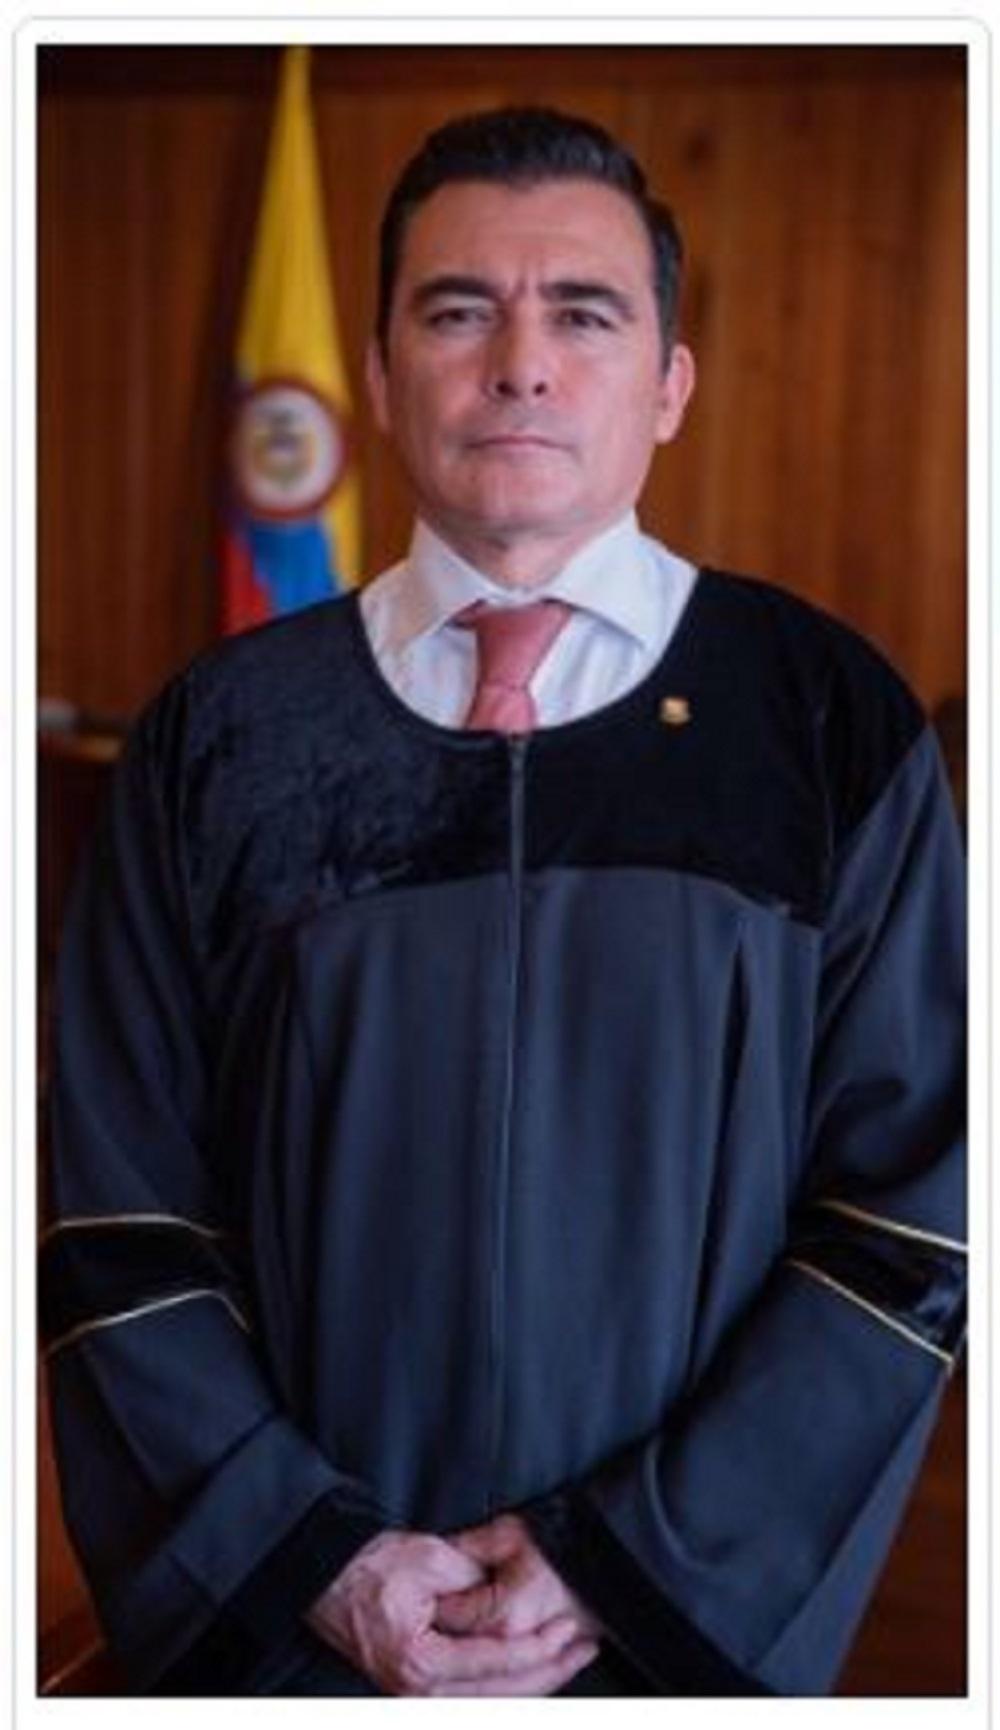 El magistrado César Reyes es el ponente de la decisión y experto en Derechos Humanos. Trabajó como consultor de la Agencia de los Estados Unidos para el Desarrollo Internacional (USAID) en el programa de Fortalecimiento de la Justicia.